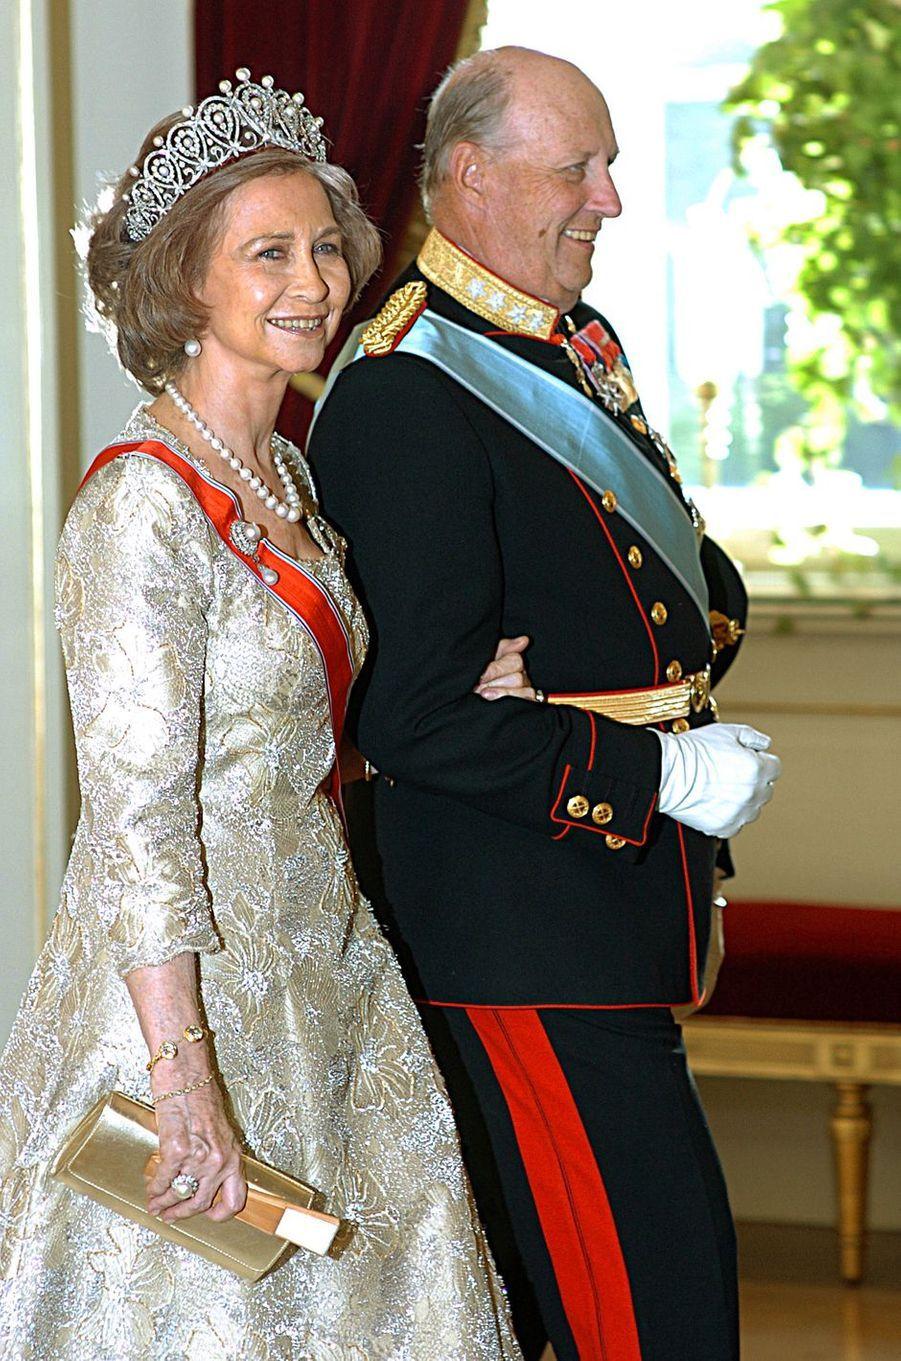 La reine Sofia d'Espagne portant le diadème russe à Oslo, le 6 juin 2006